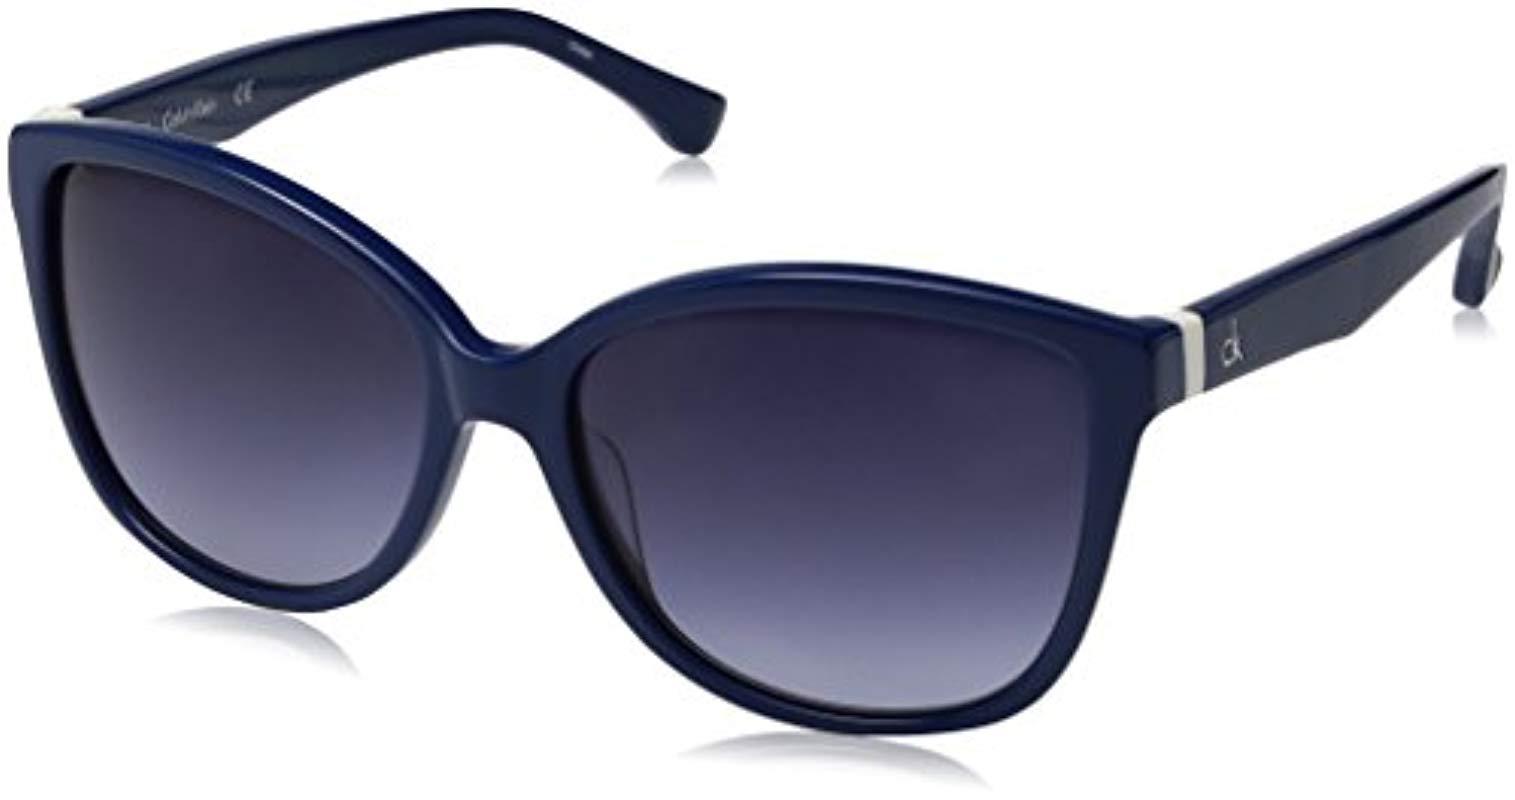 Lyst - Calvin Klein Ck4258s Cateye Sunglasses 9a7996f5c5